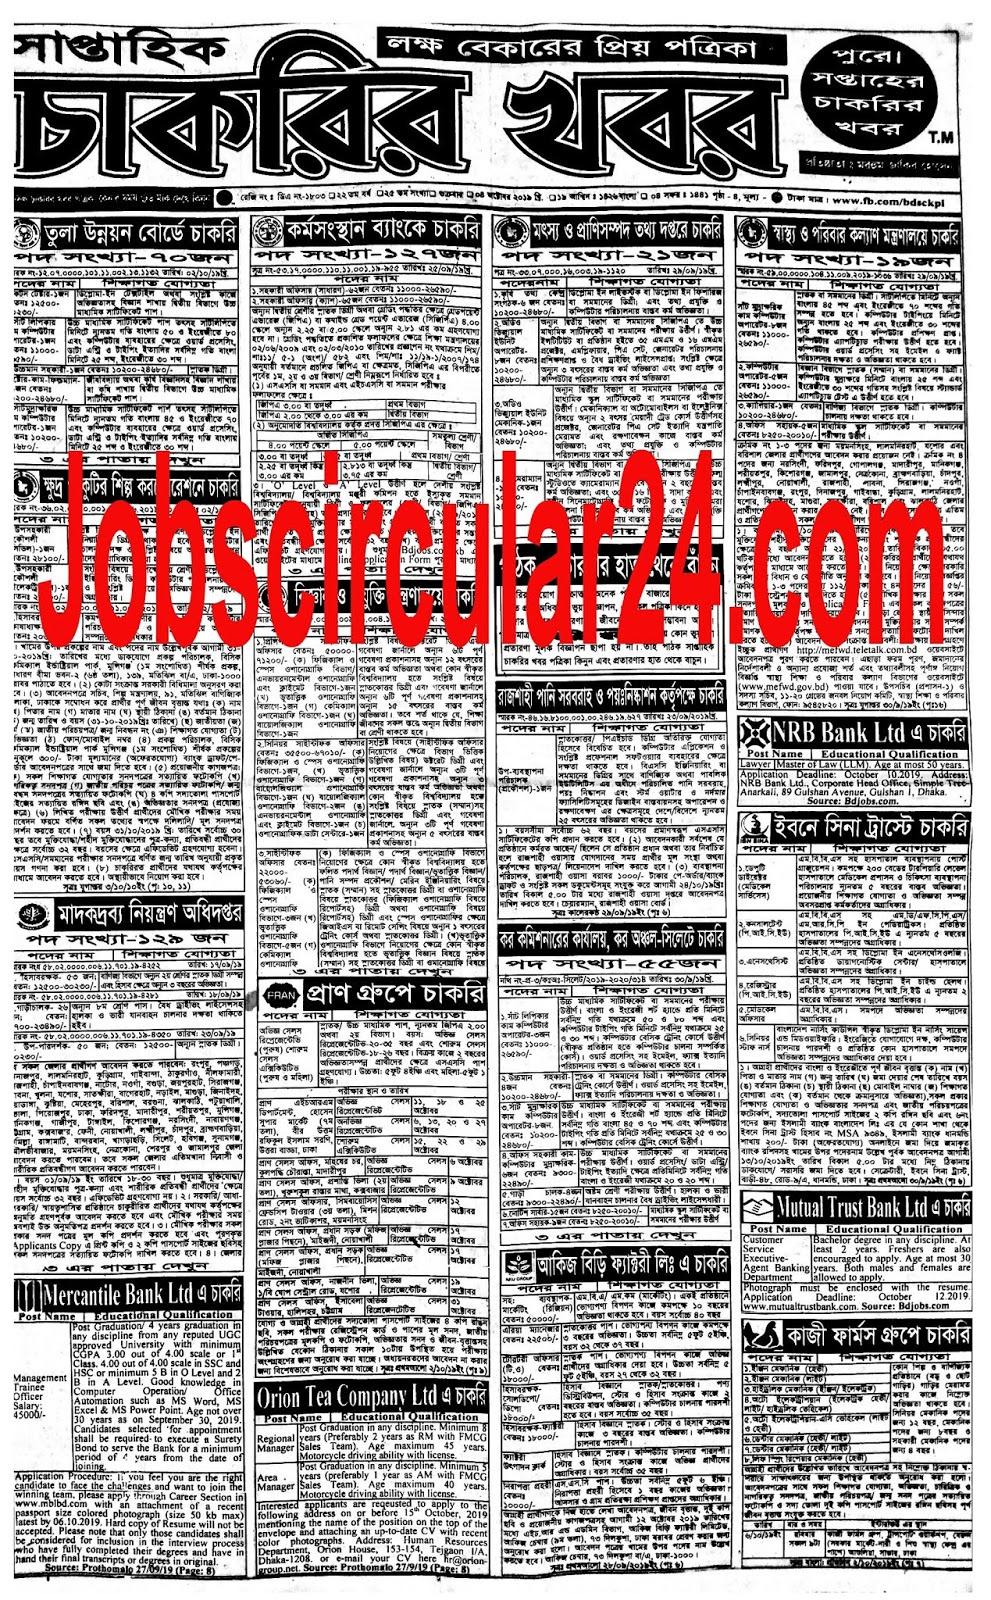 সপ্তাহিক চাকরির খবর 04/10/2019